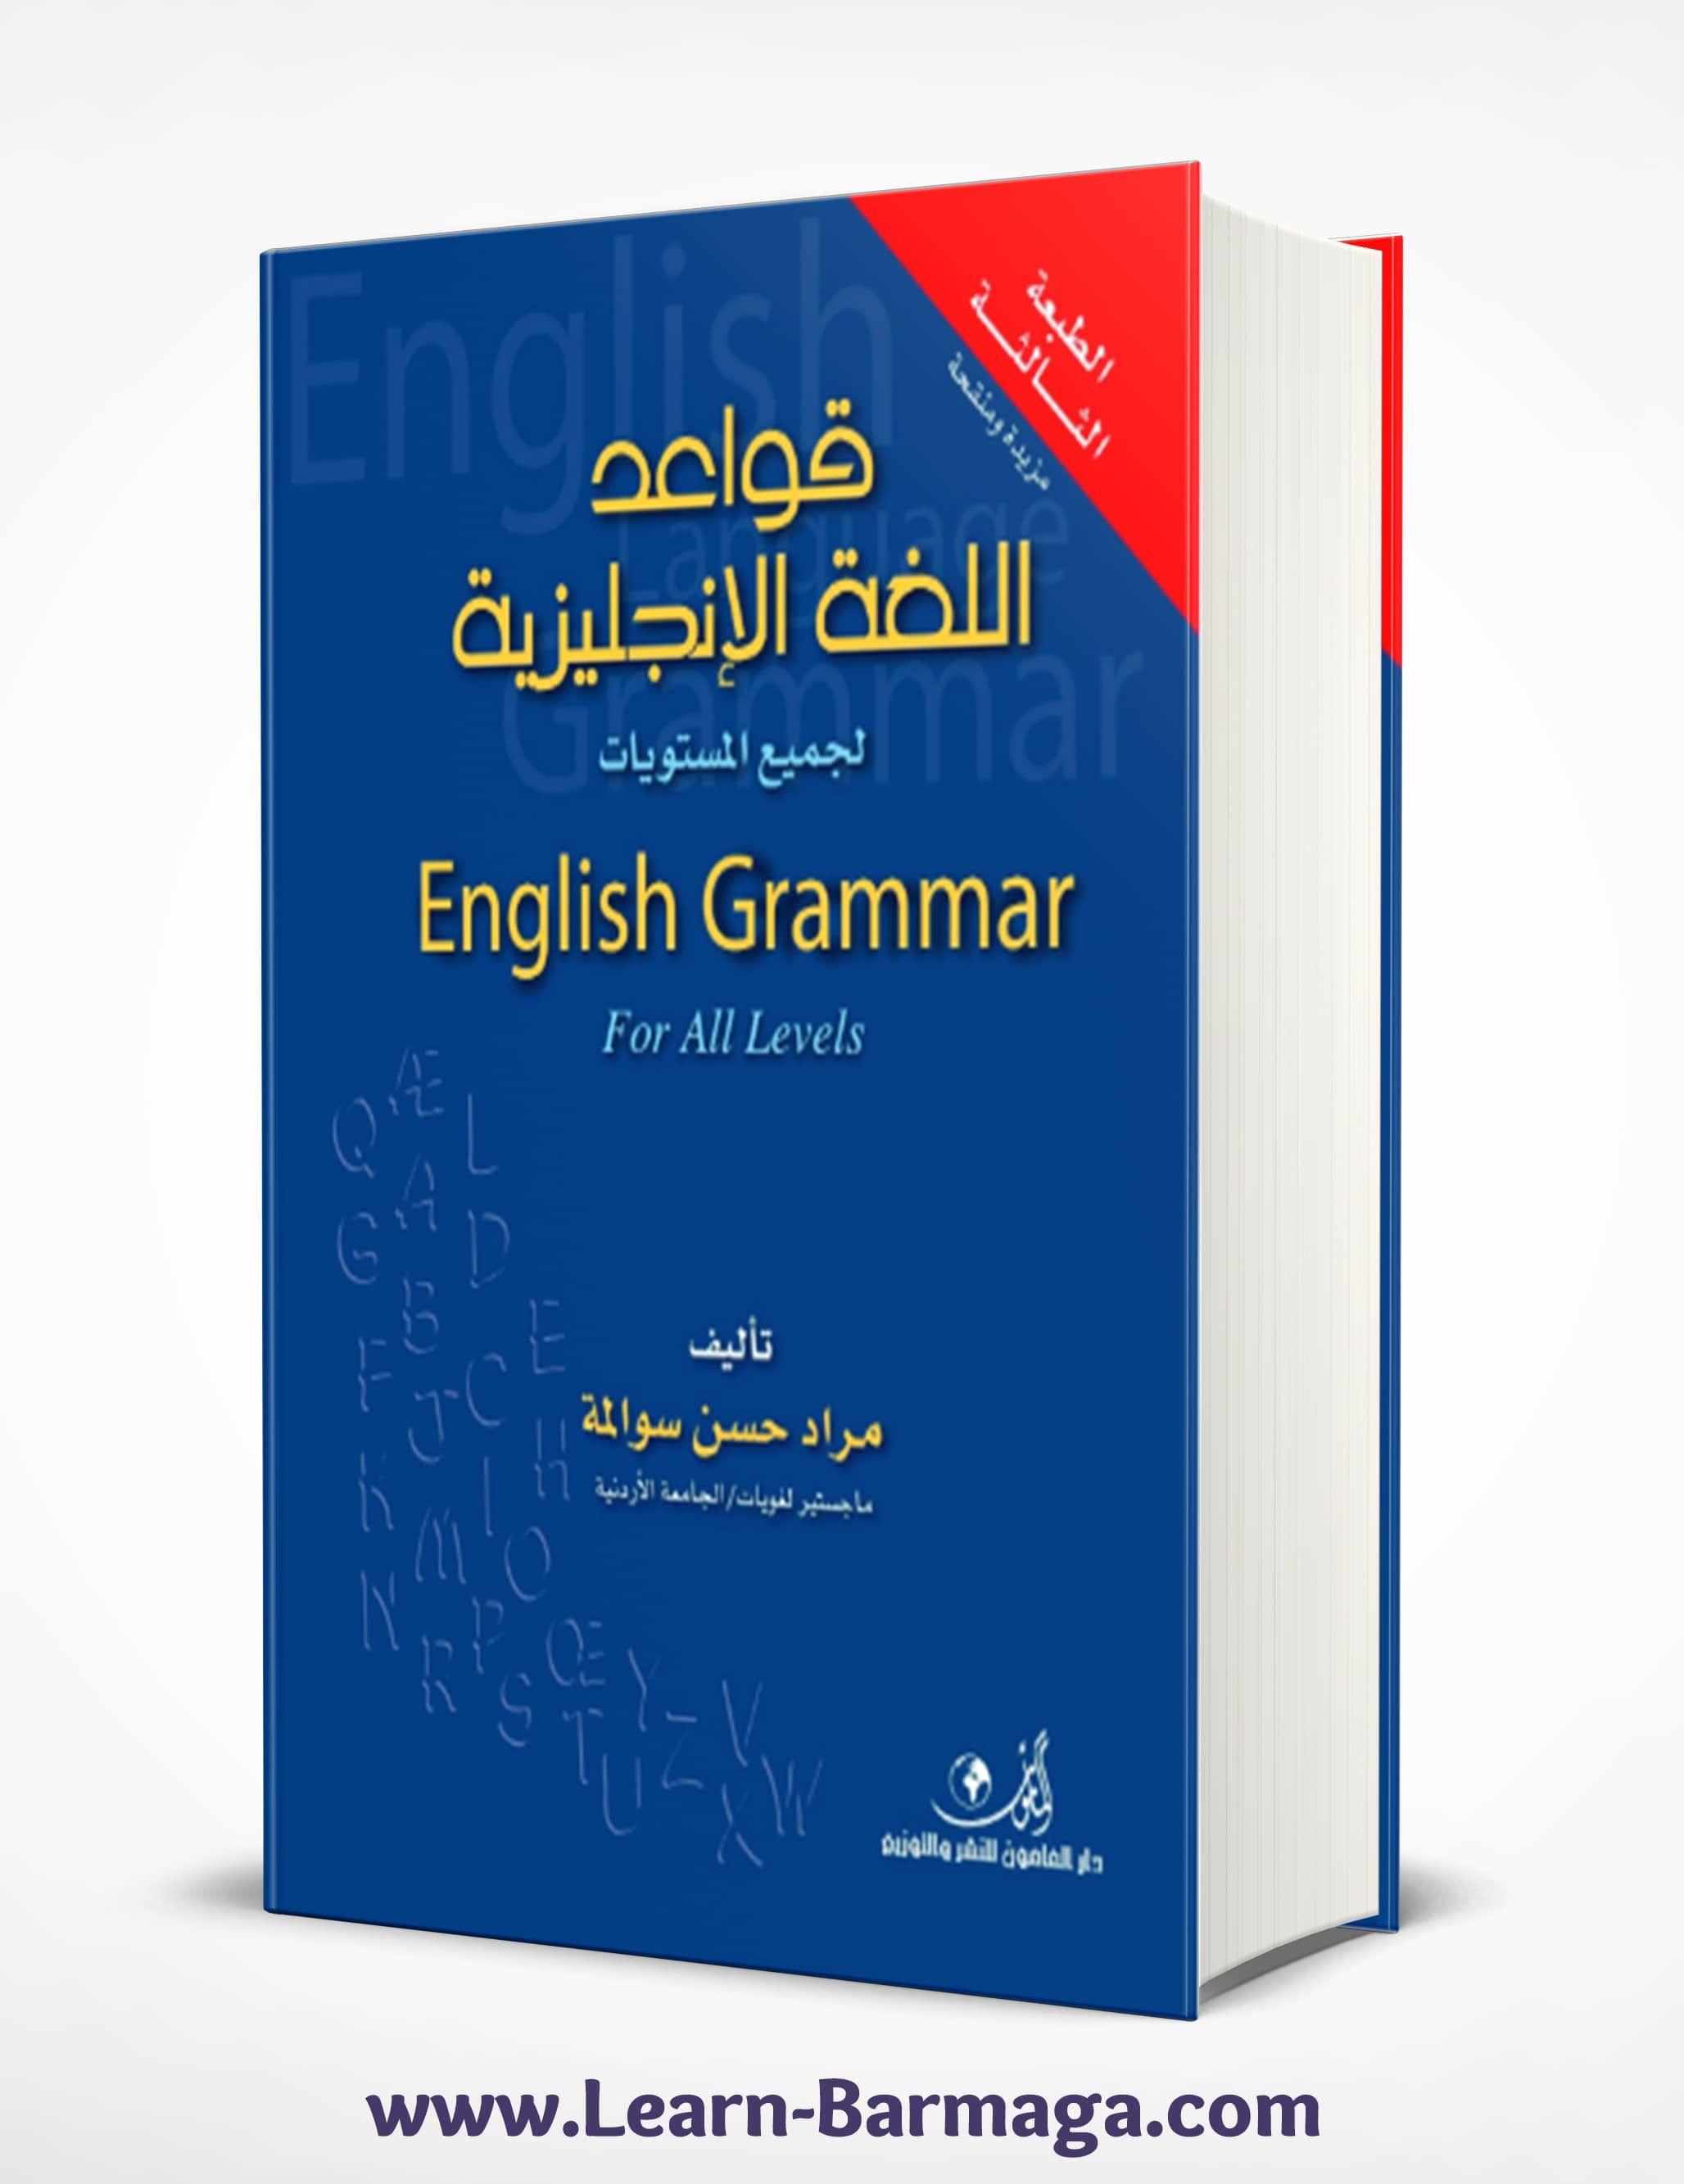 كتاب قواعد اللغة الانجليزية لجميع المستويات English Grammar Learn English Words Writing Posters